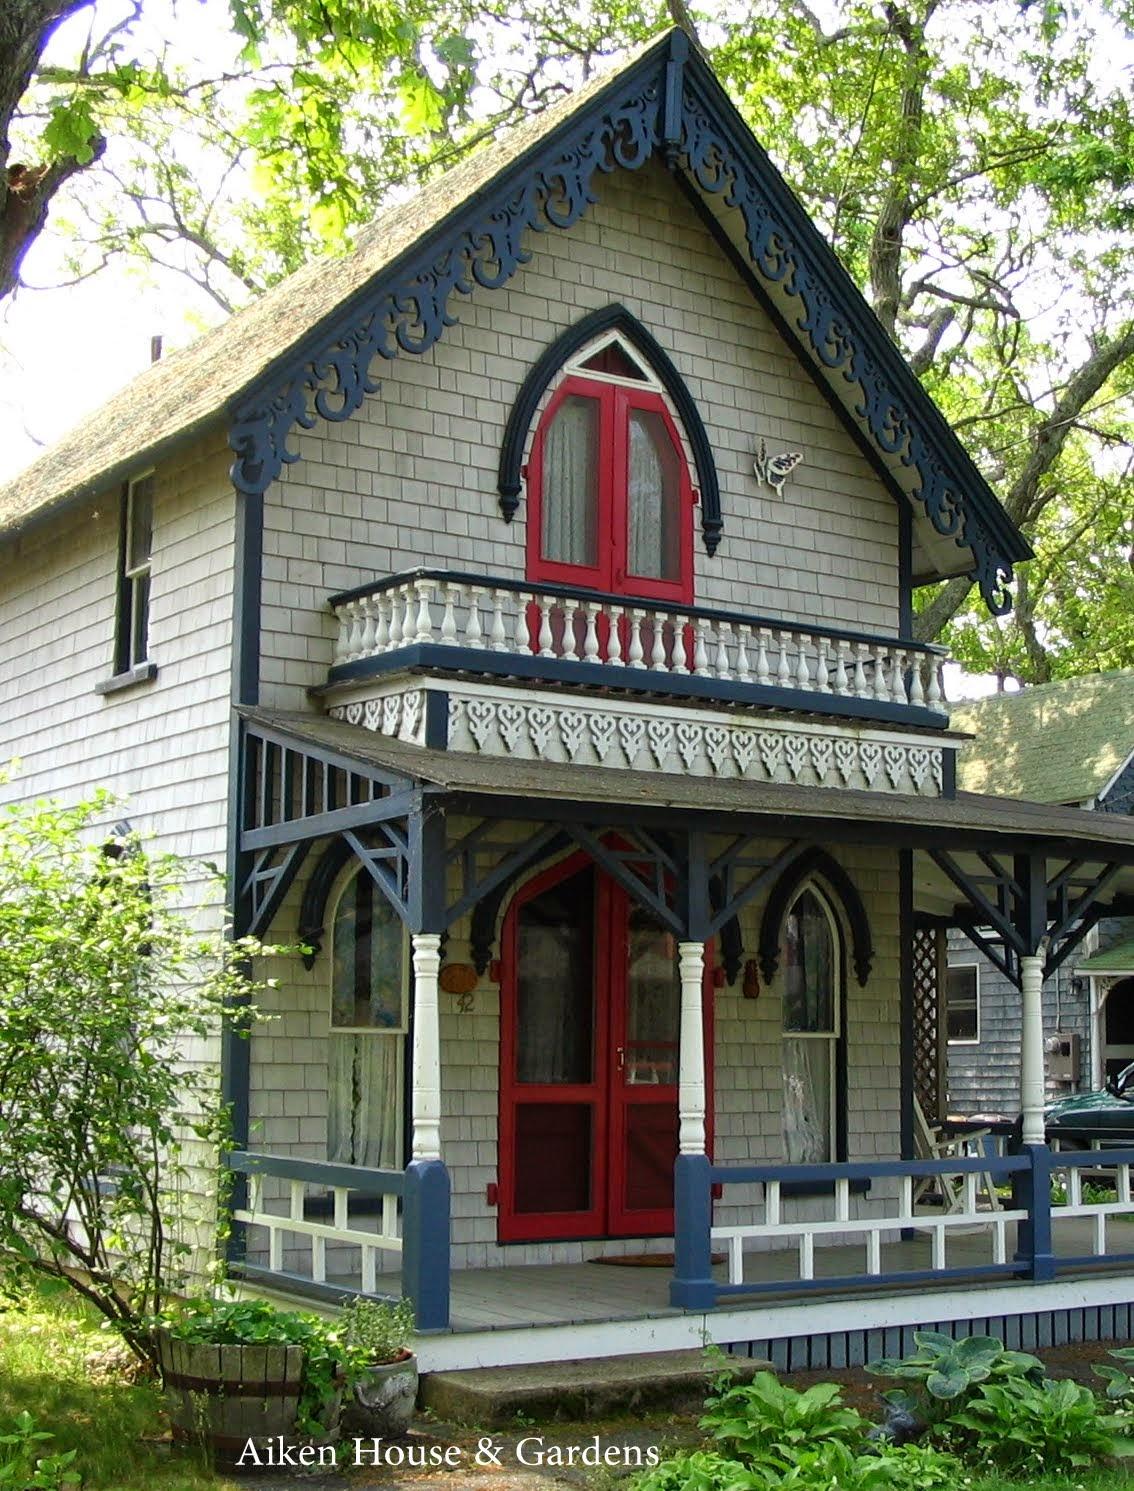 Aiken house gardens the charming cottages of oak bluffs for Aiken house